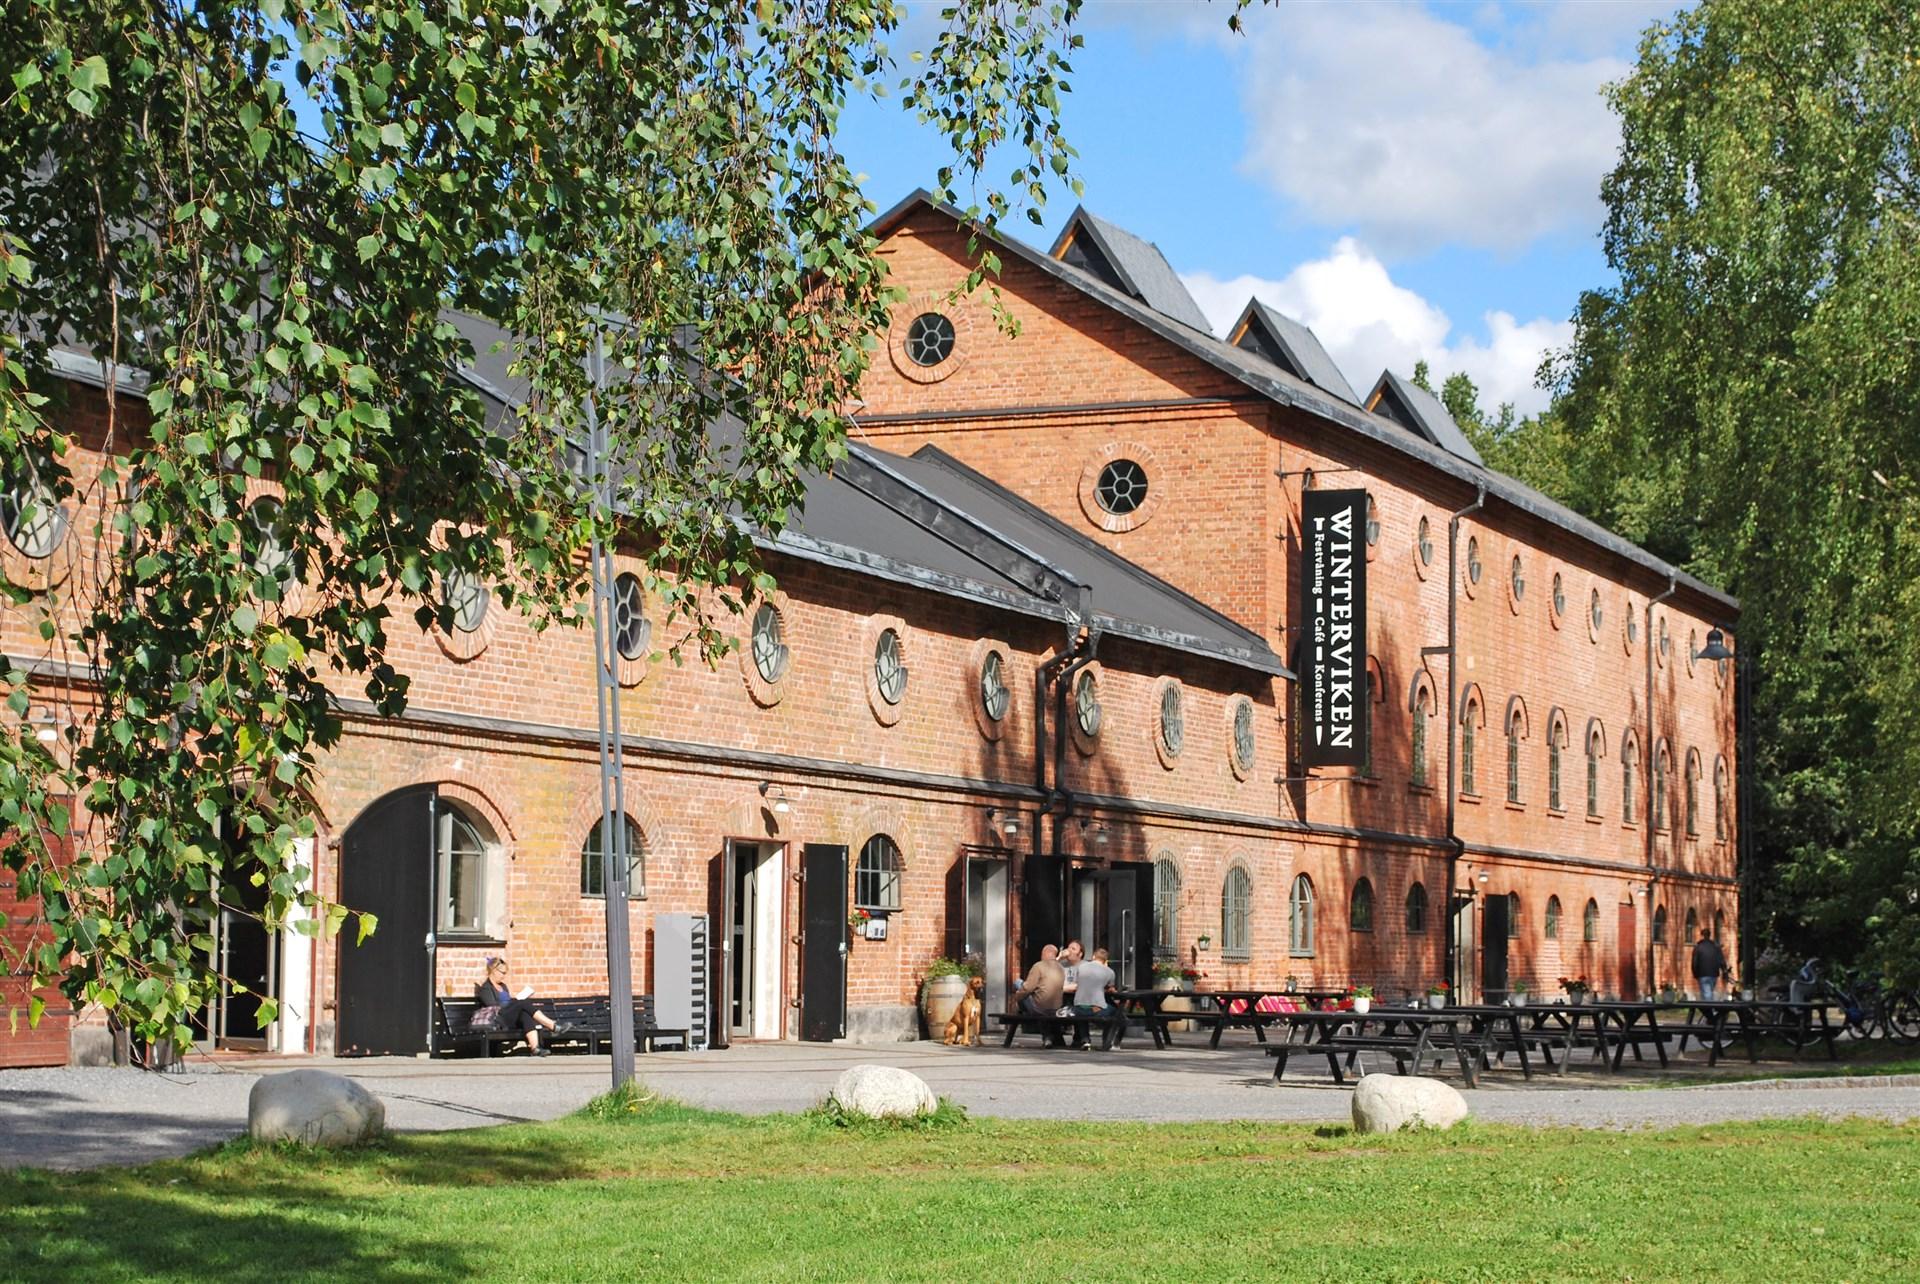 Restaurang Winterviken som drivs av Markus Aujalay